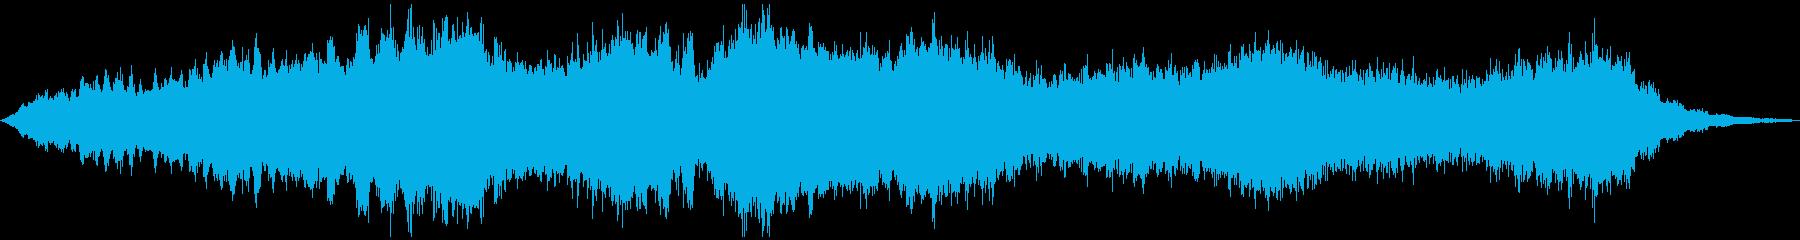 PADS 邪魔なホラー01の再生済みの波形